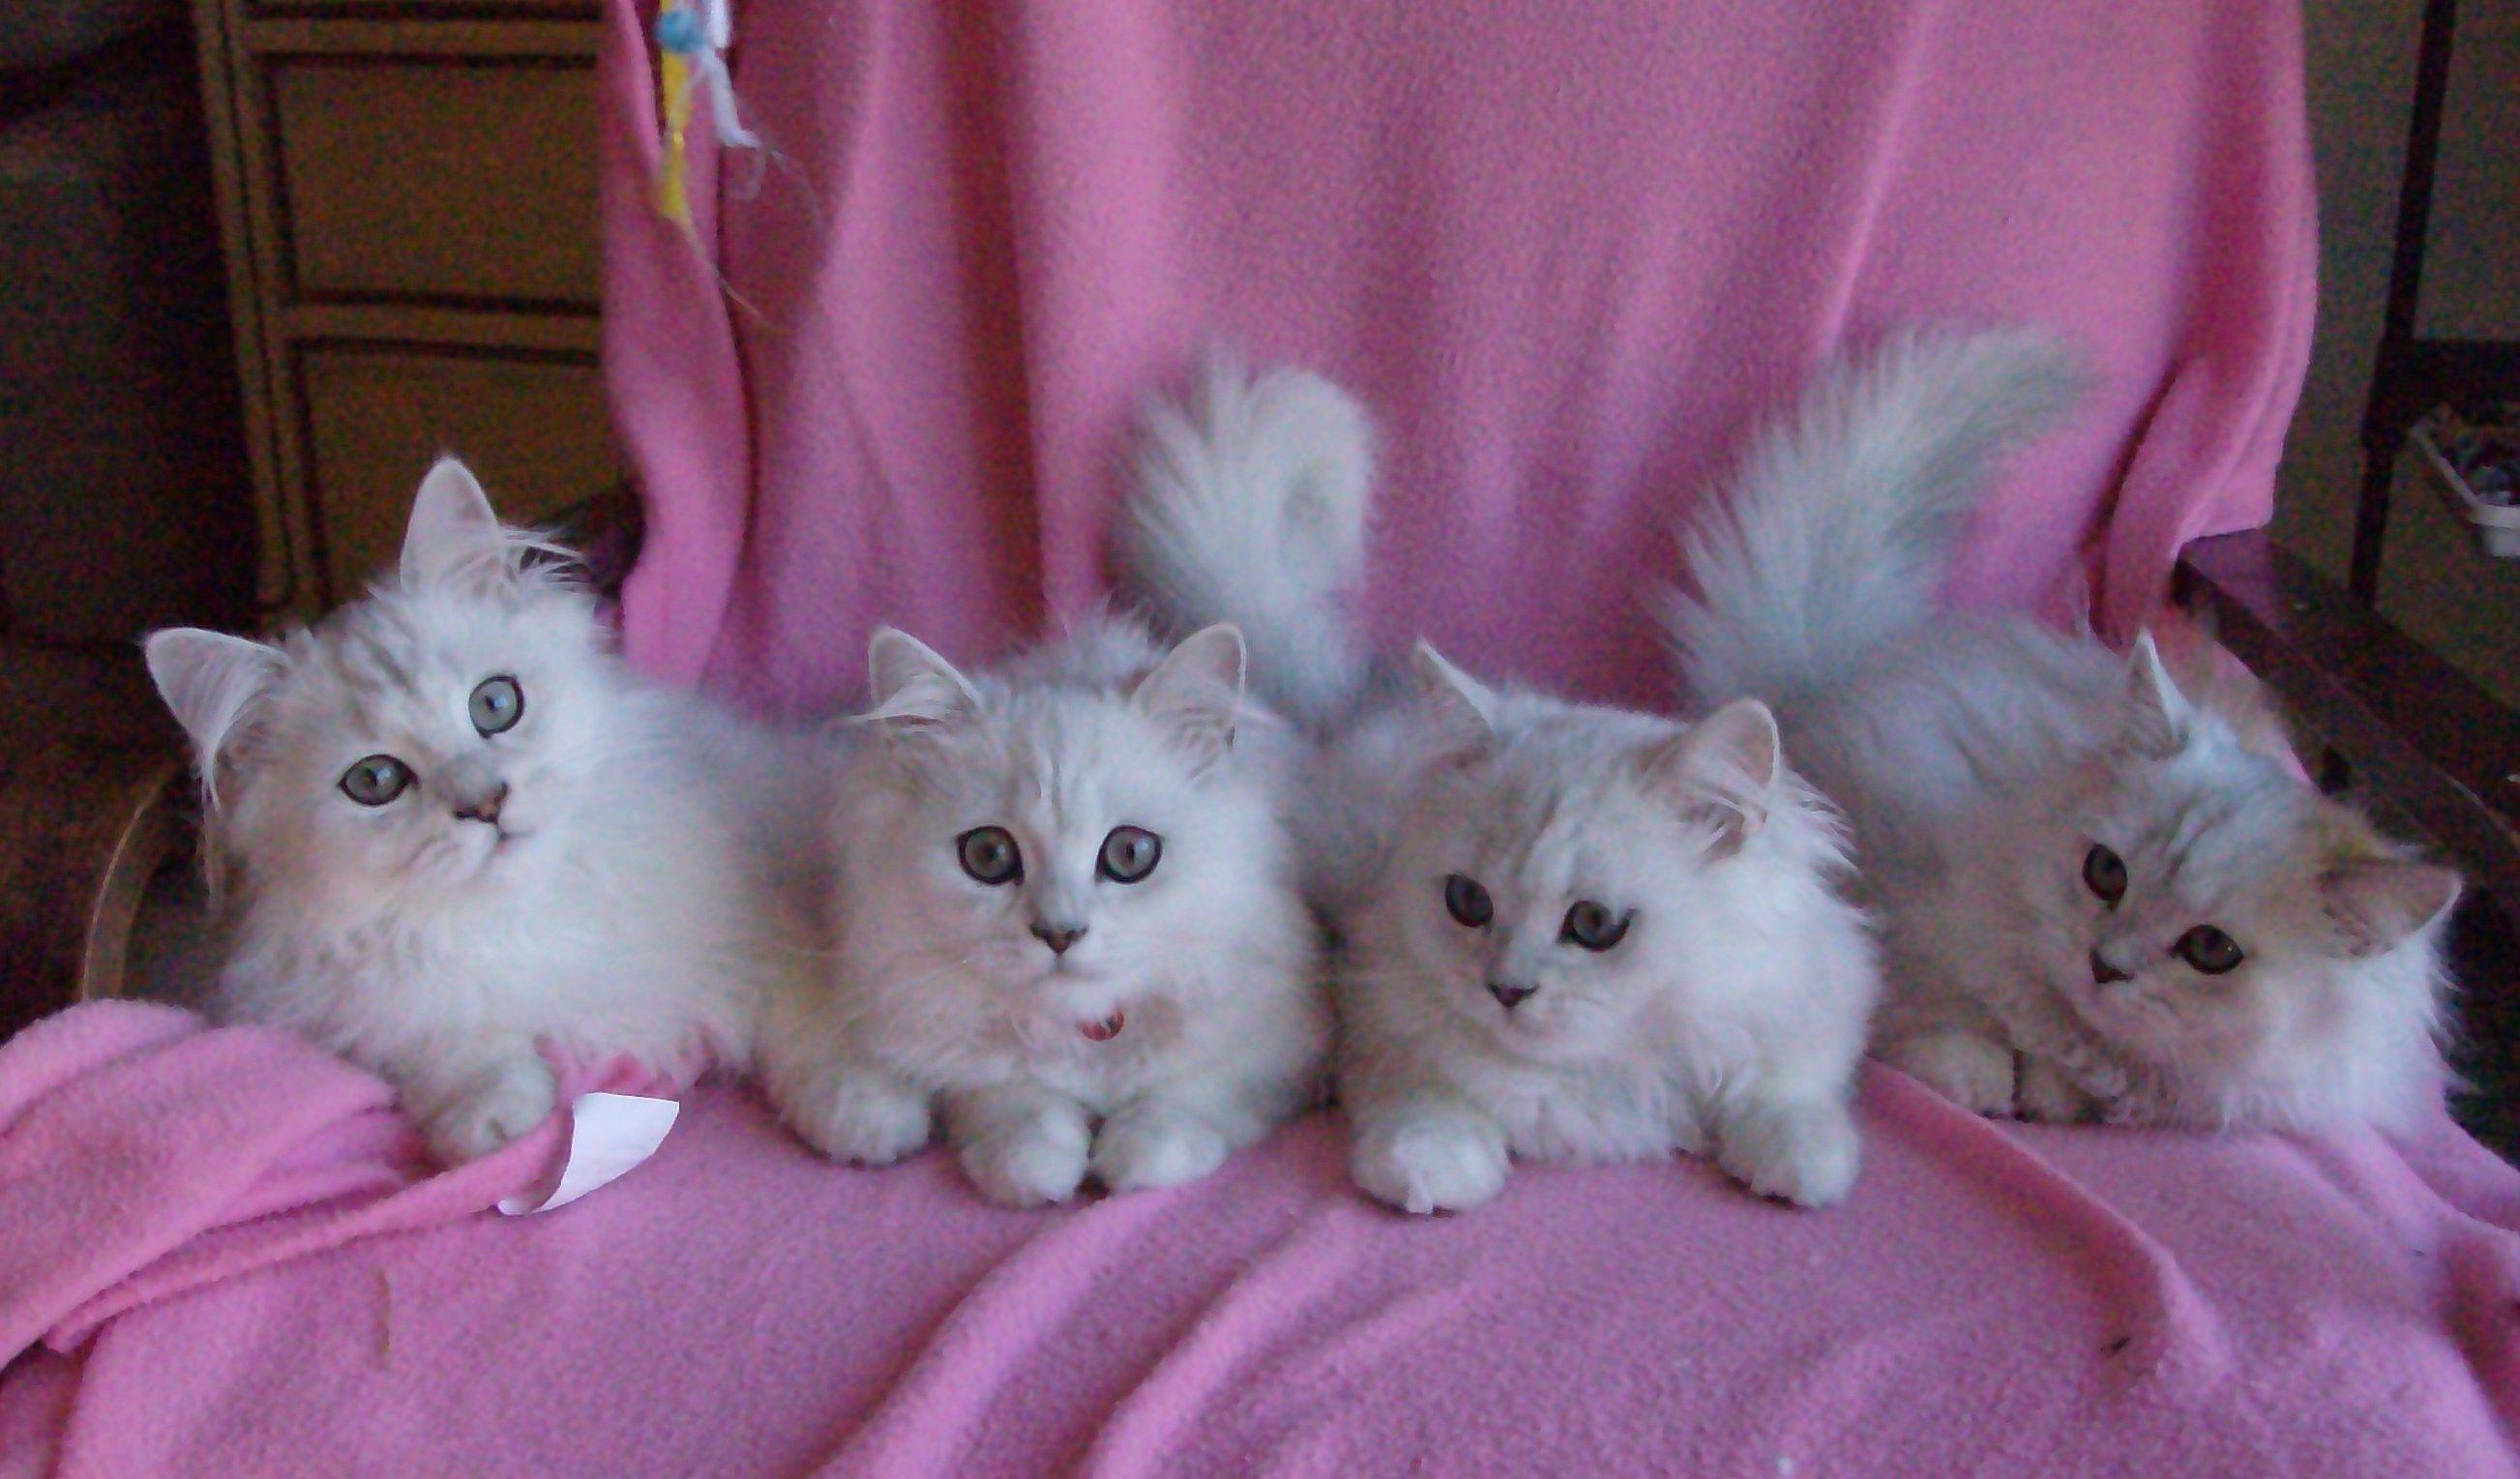 Dearheart Chinchilla Silver Persian Cats/Kittens Carson